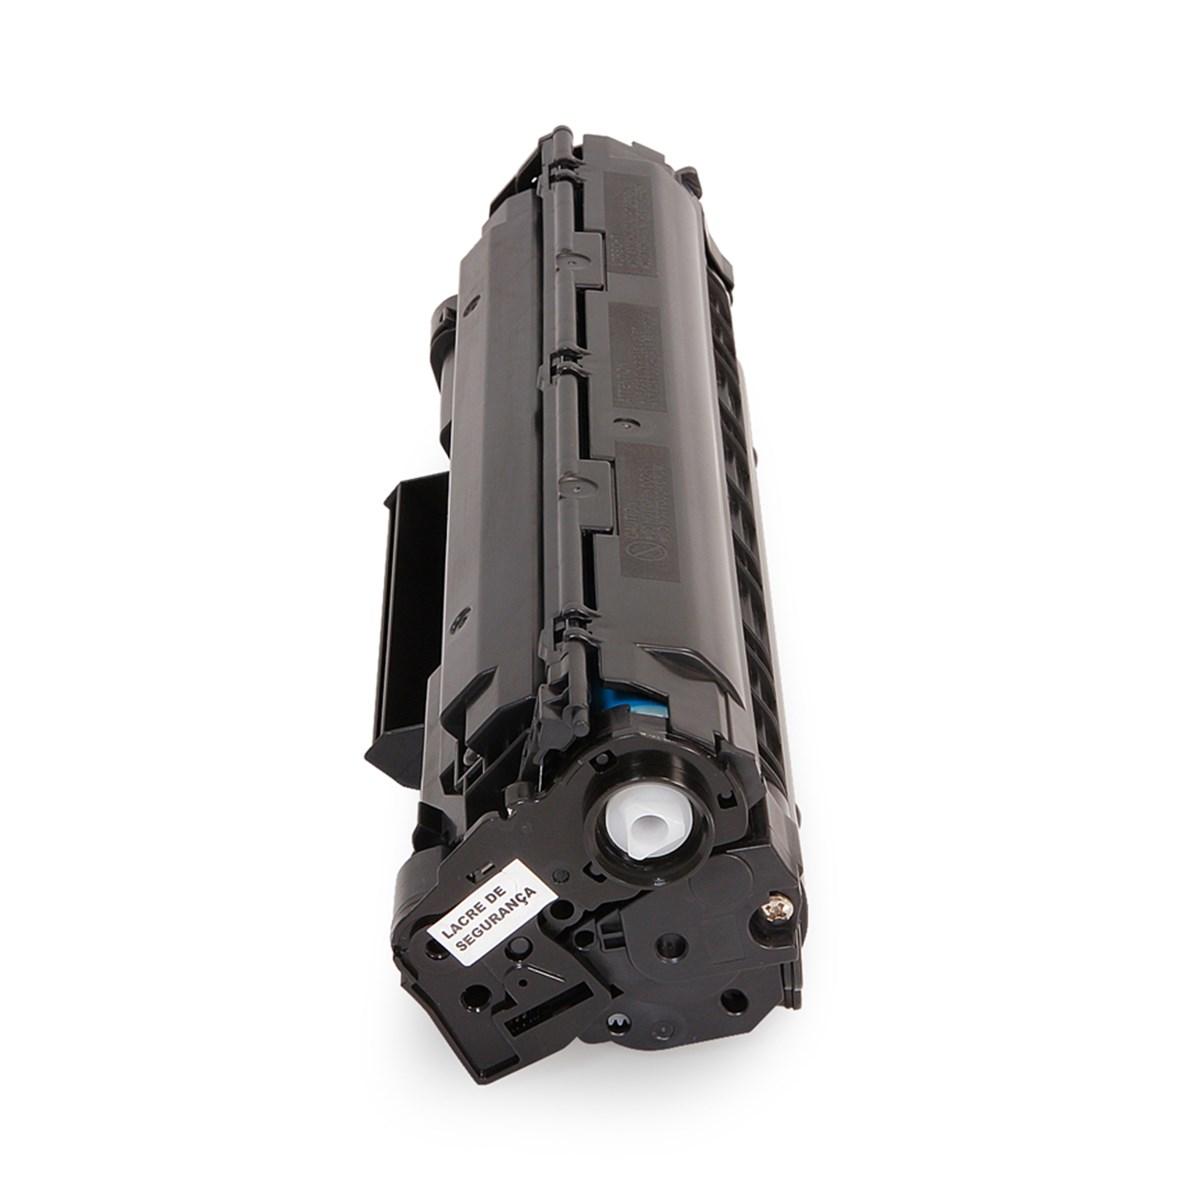 Compatível: Toner novasupri CE285A - para HP P1102 M1210 M1212 M1130 M1132 M1217 P1102W M1217FW